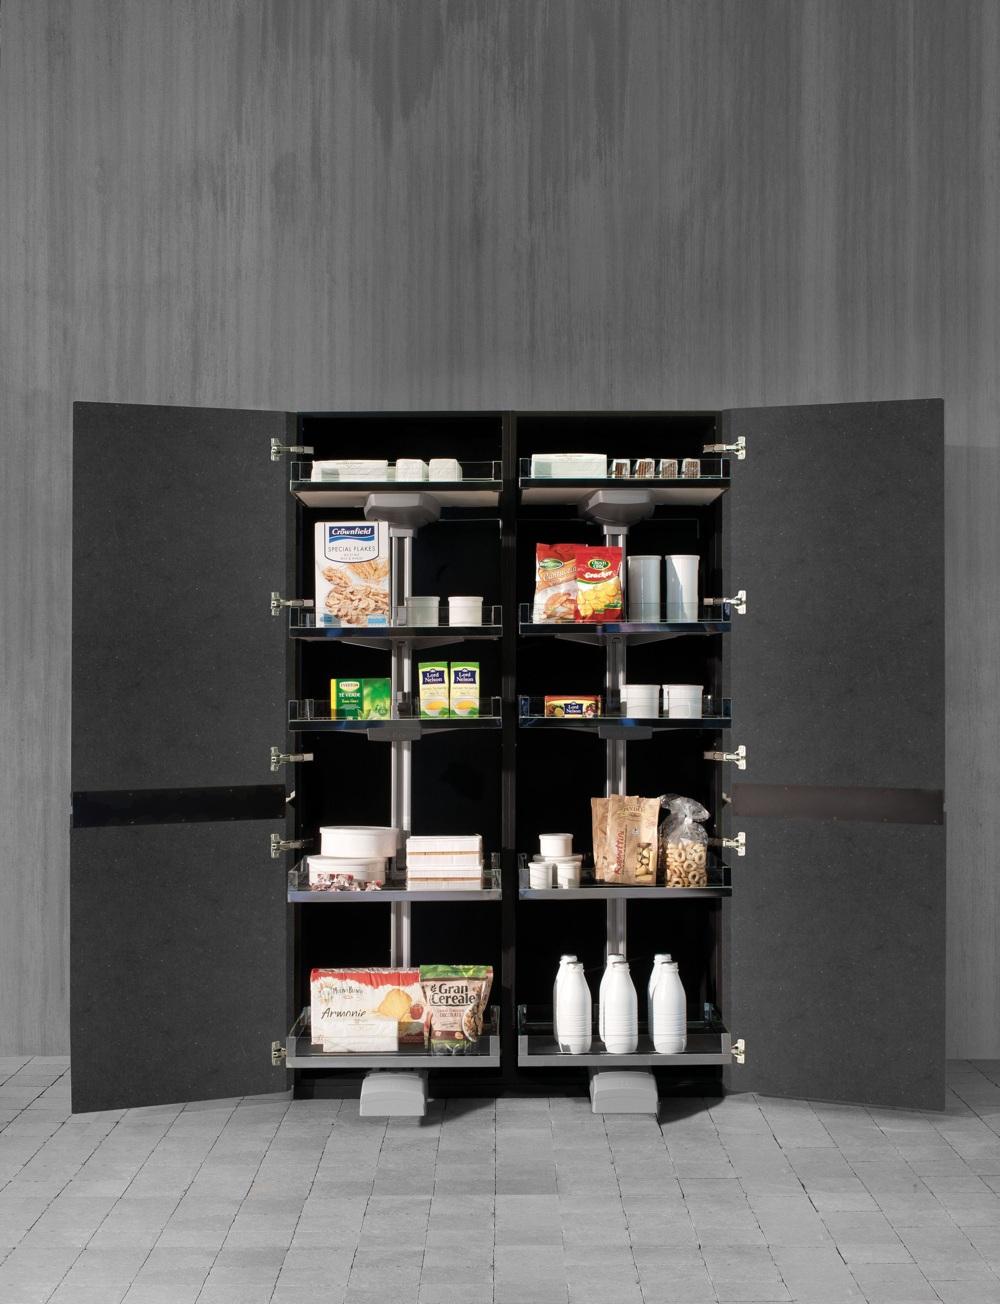 Индустриальный стиль в интерьере кухни: шкаф с продуктами